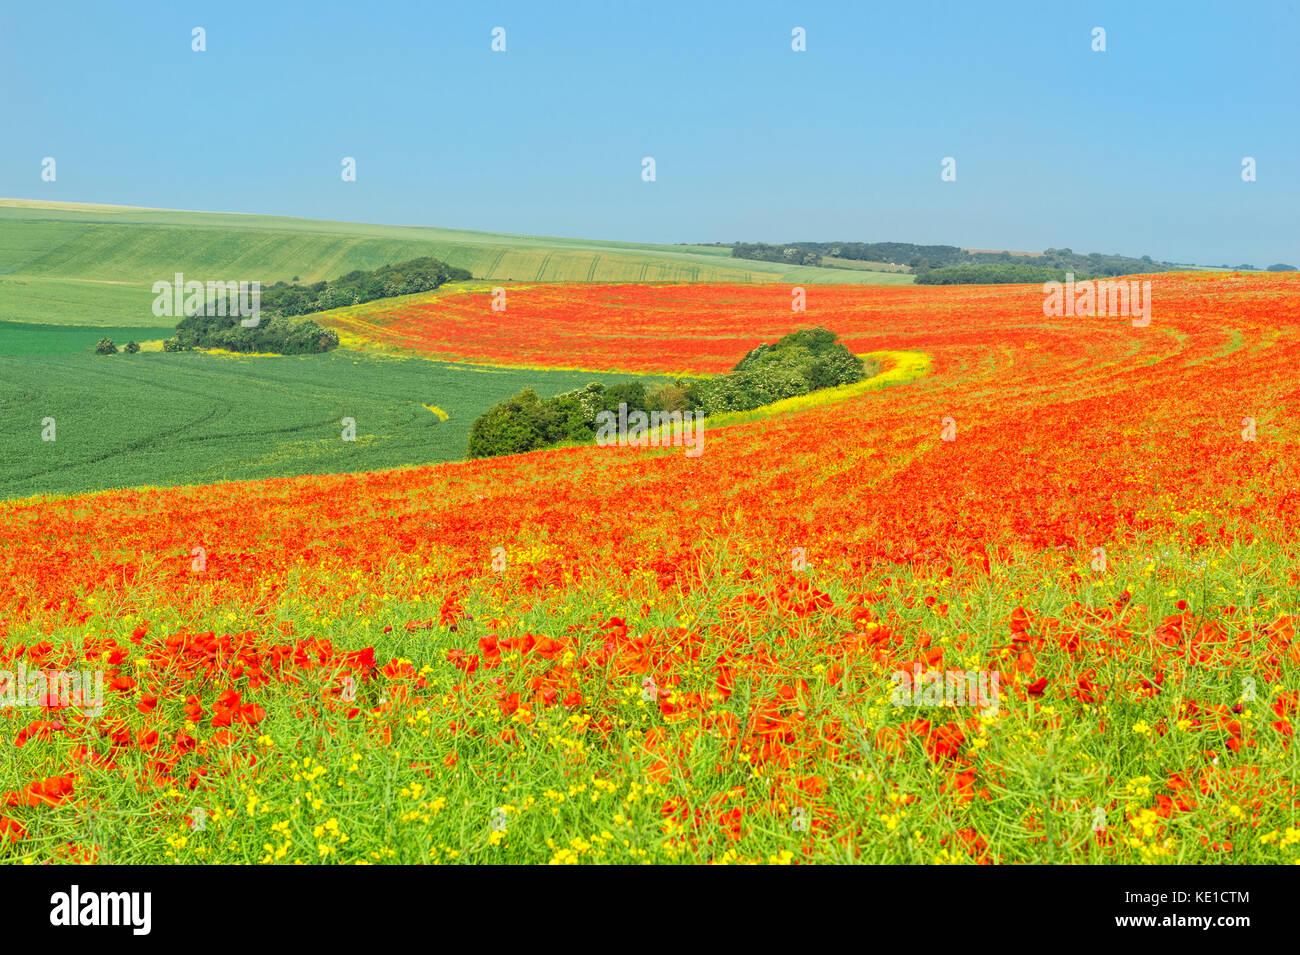 Red Poppies field, Côte d'Opale, Region Nord-Pas de Calais, France - Stock Image